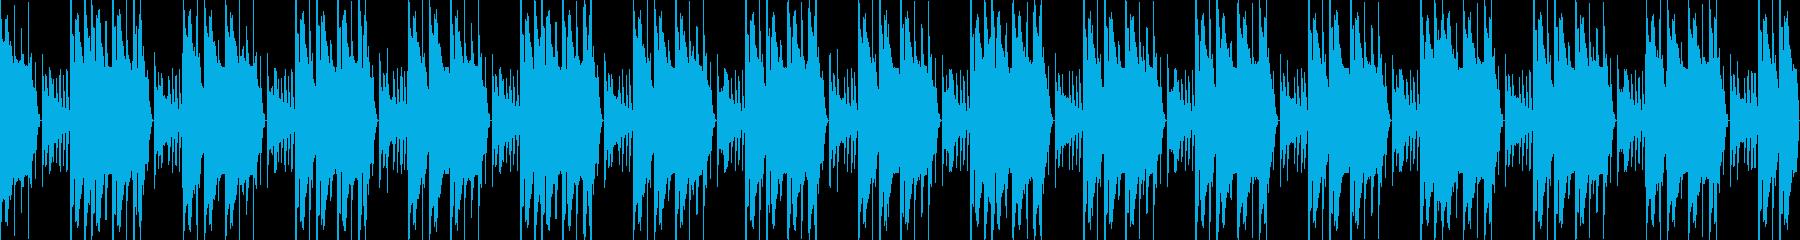 普通のトラップビート【HipHop】の再生済みの波形